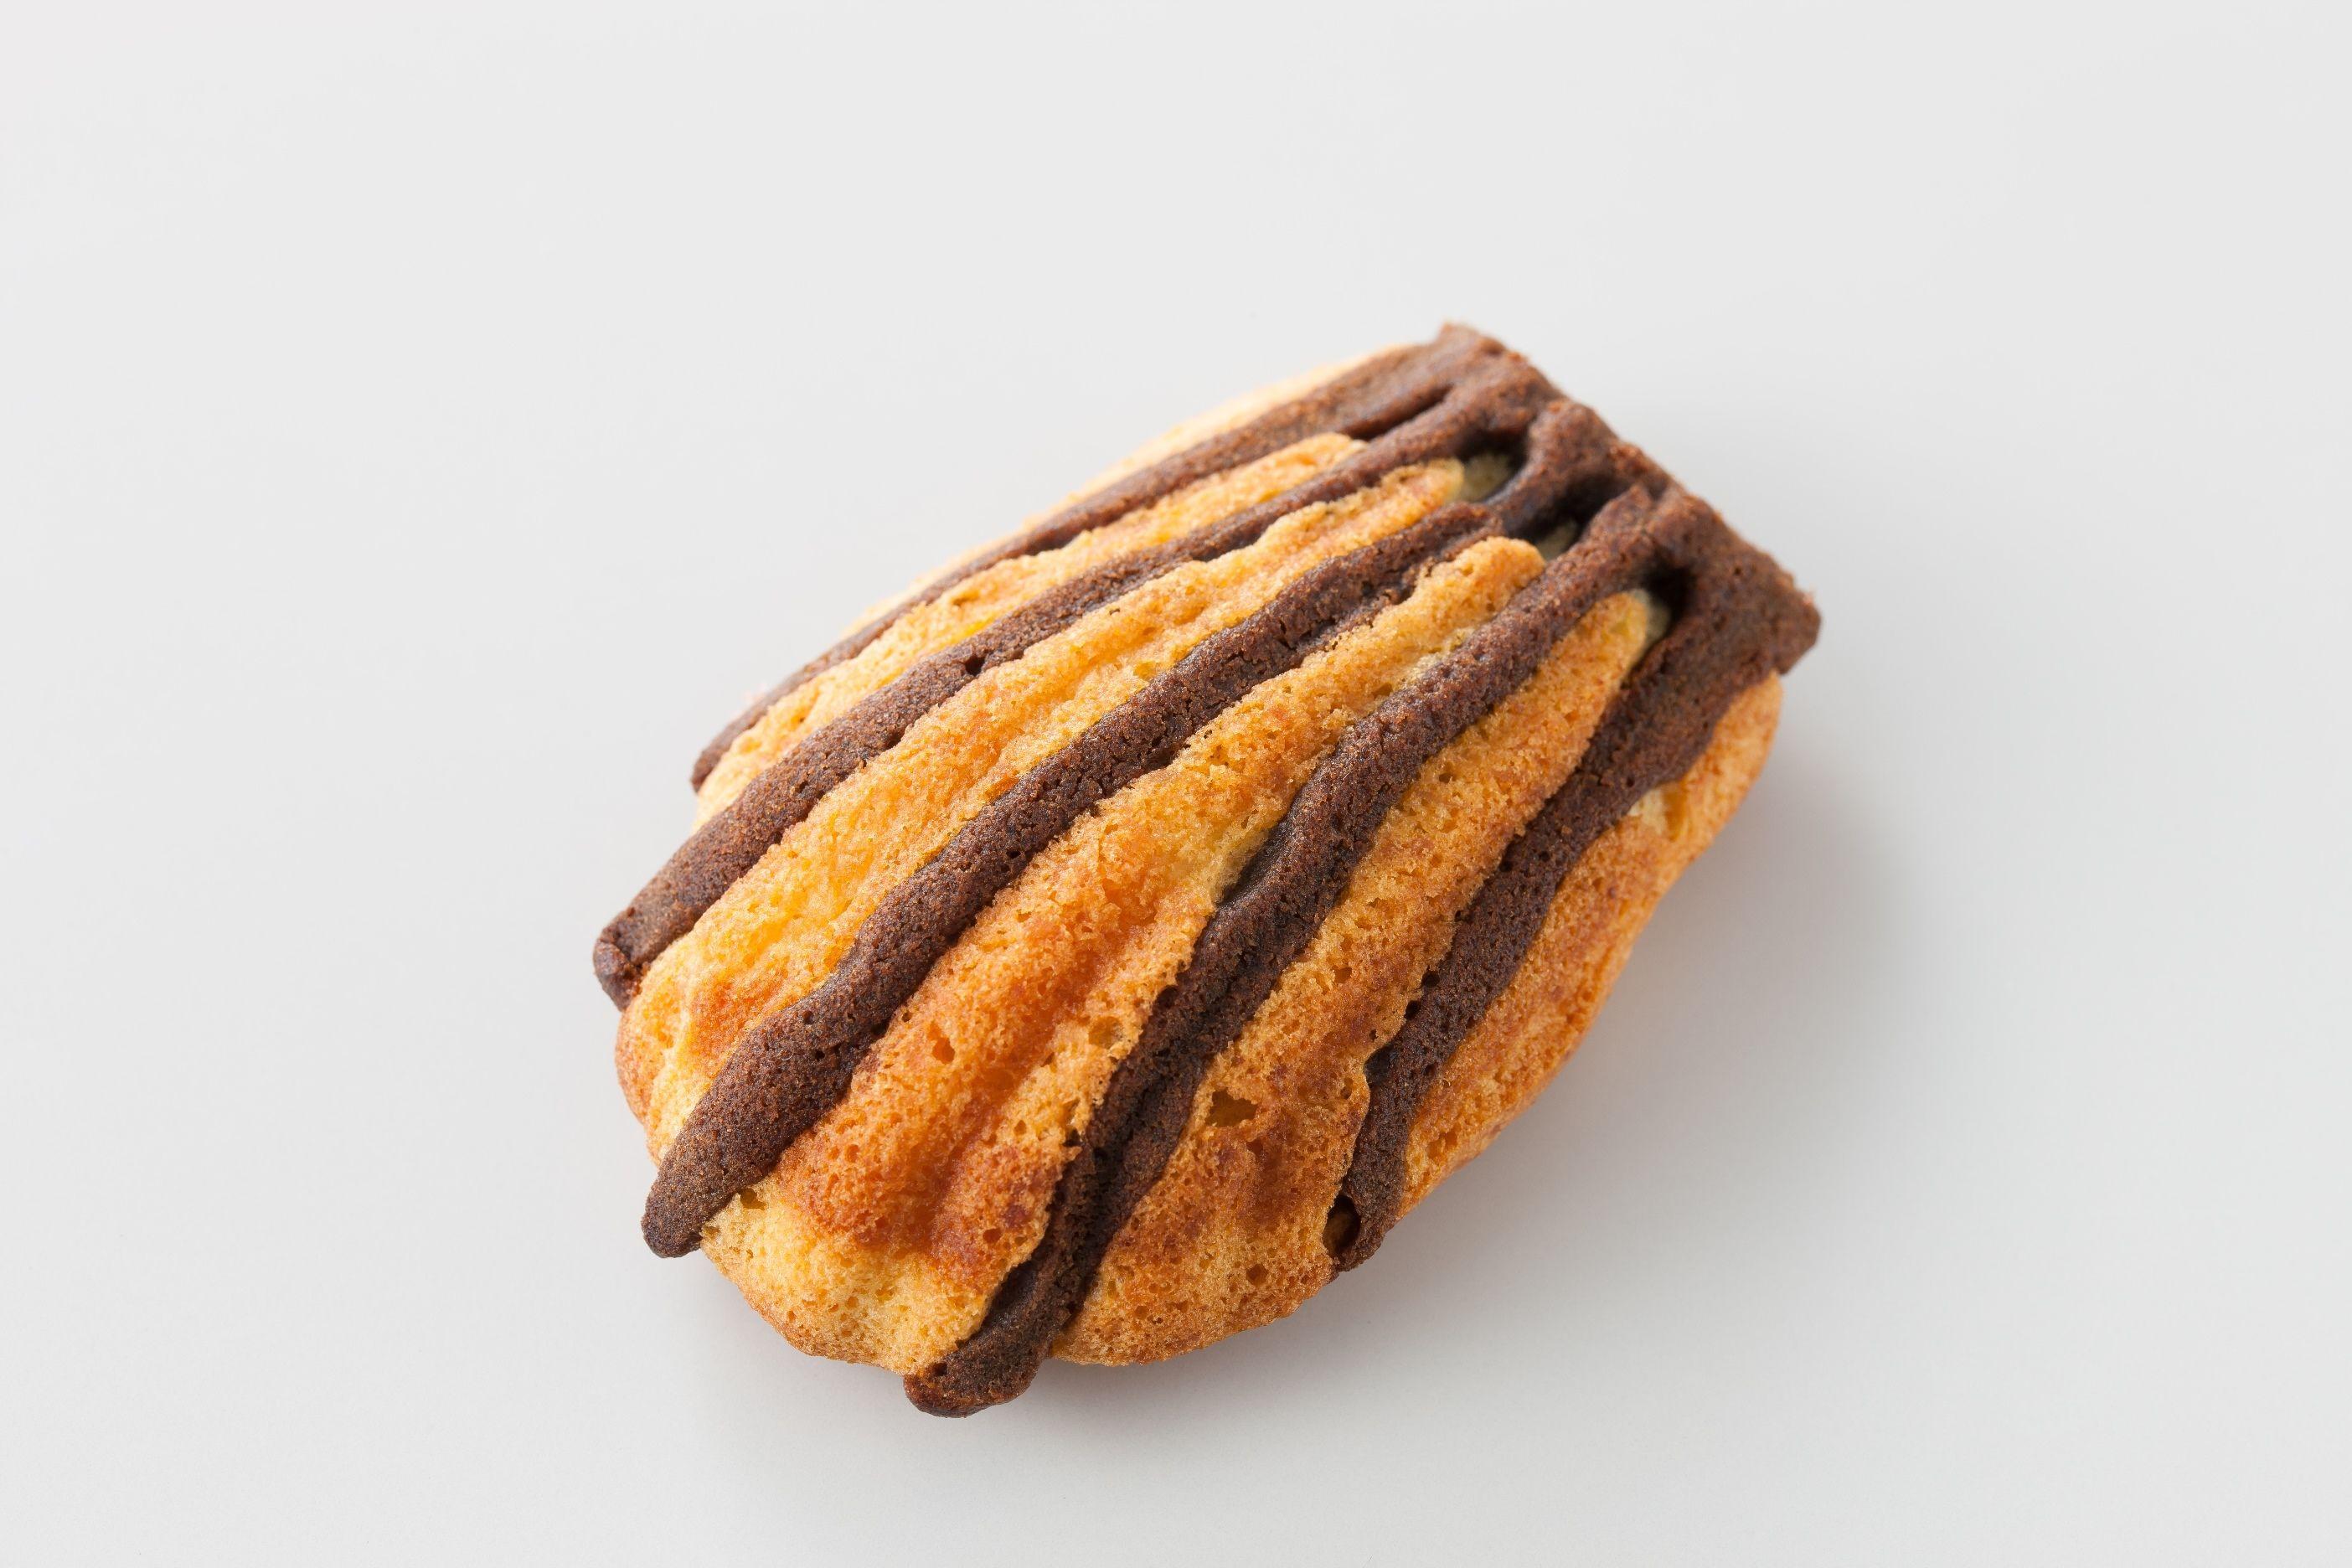 ベジデコクッキーヌ スパイシーカカオ(5個入り)